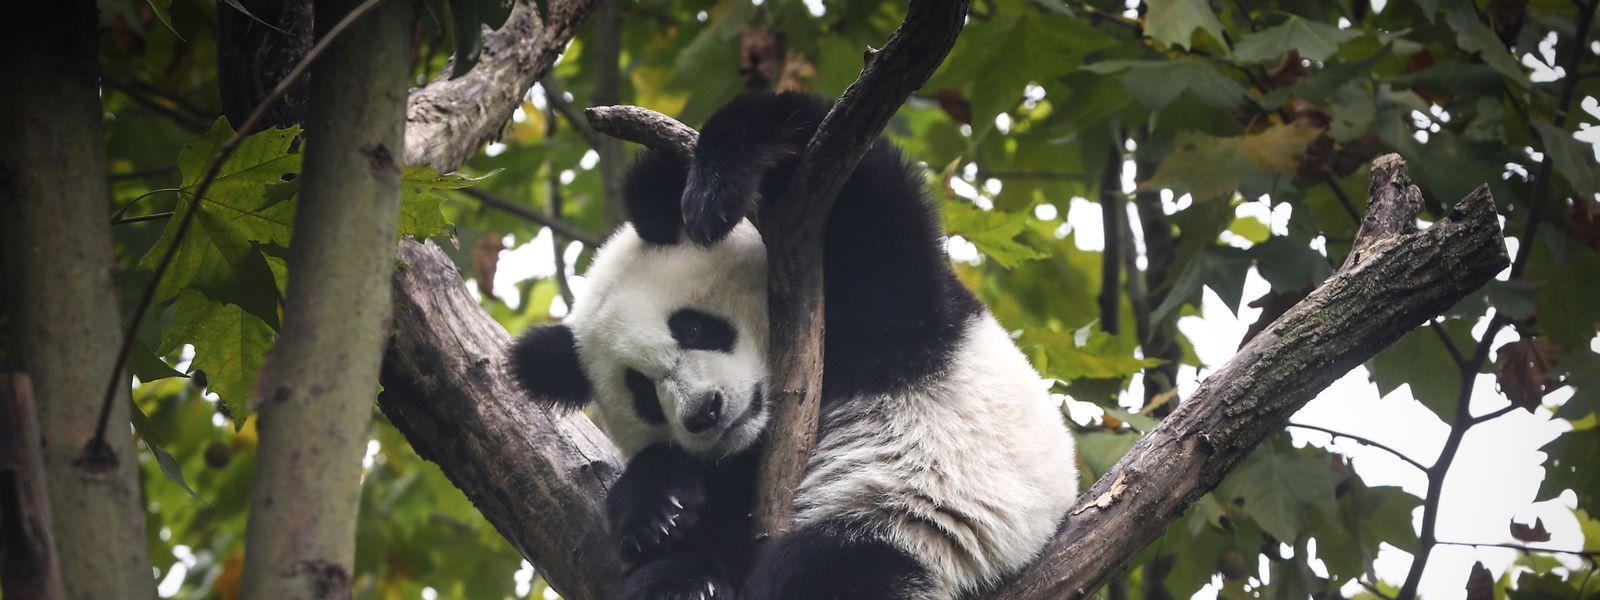 Pandabären sind seit Jahren vom Aussterben bedroht.